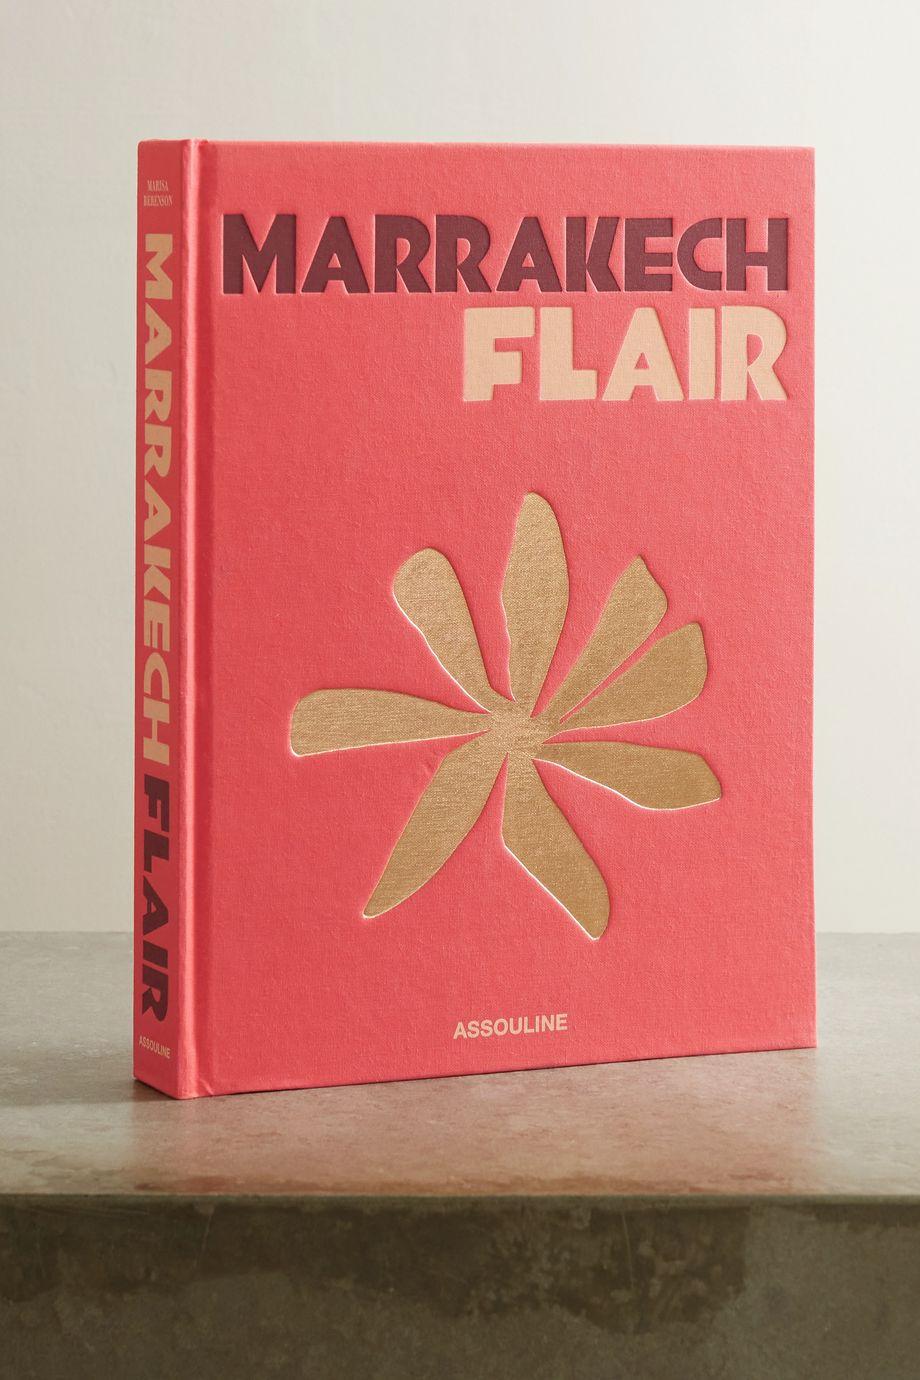 Assouline Marrakech Flair by Marisa Berenson hardcover book